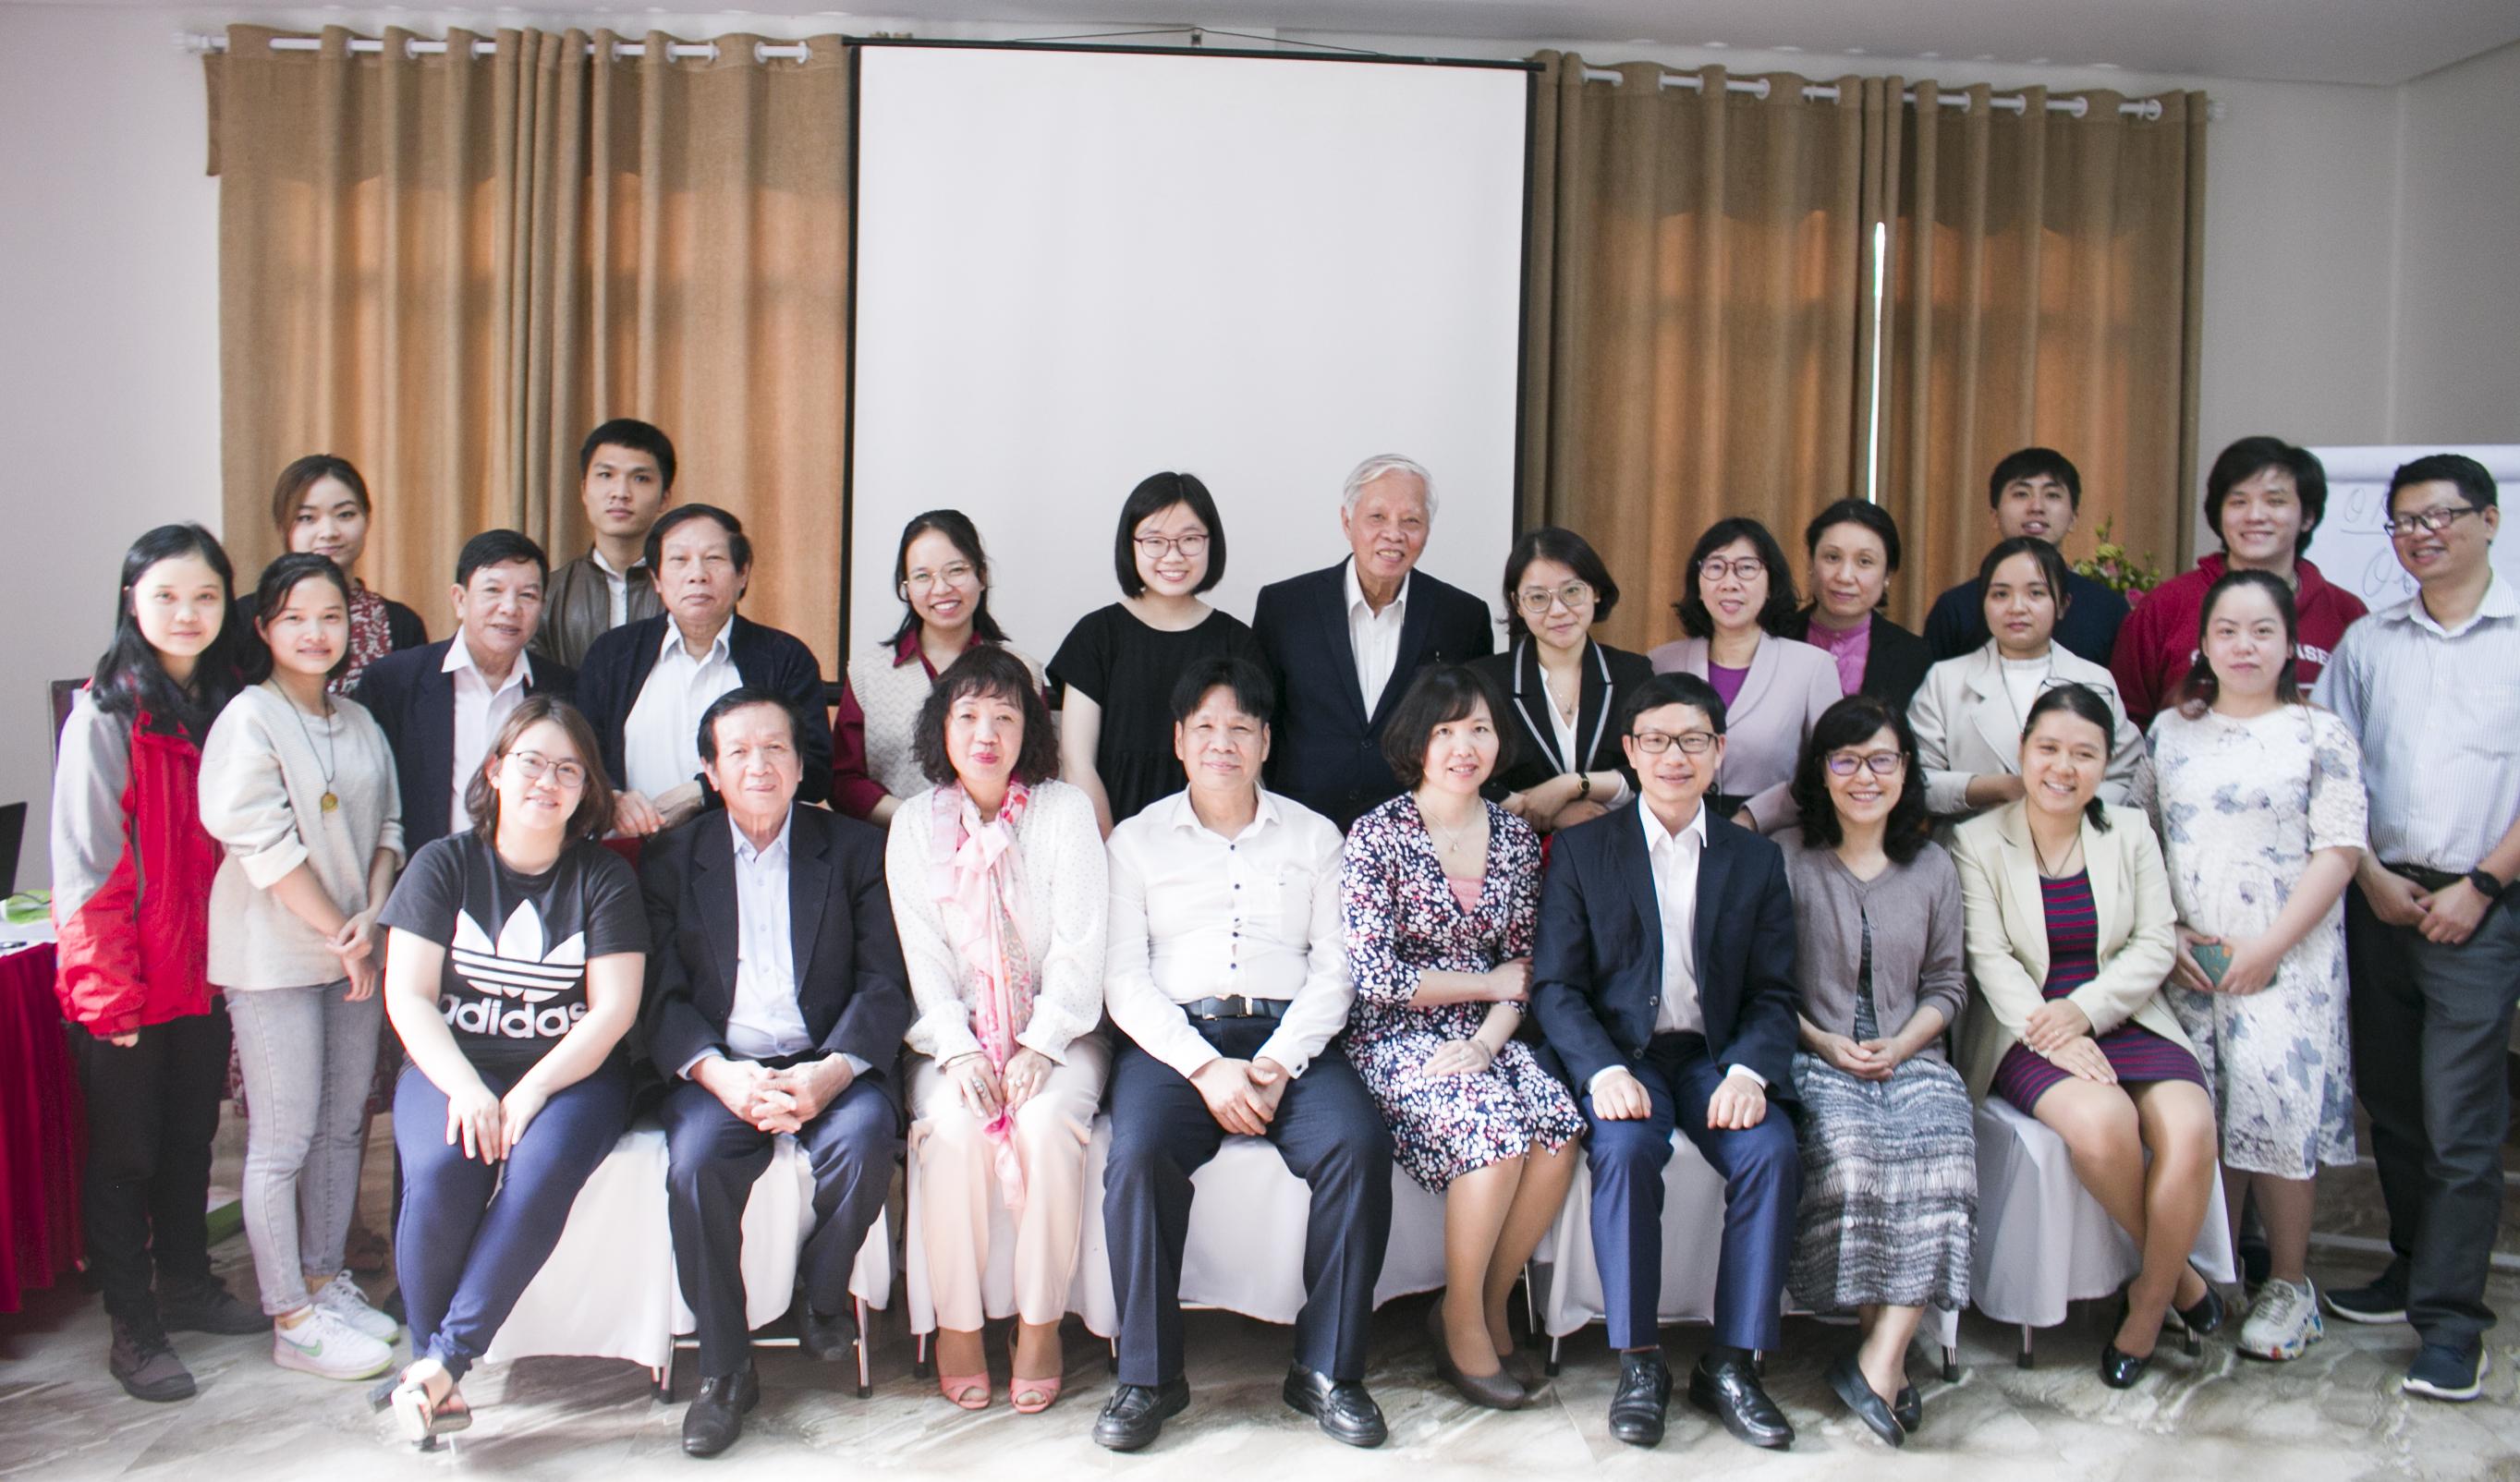 Hội thảo thống nhất tầm nhìn, sứ mệnh, chiến lược, và xây dựng kế hoạch của Mạng lưới Bảo tồn Nguồn nước Việt Nam (VIWACON)